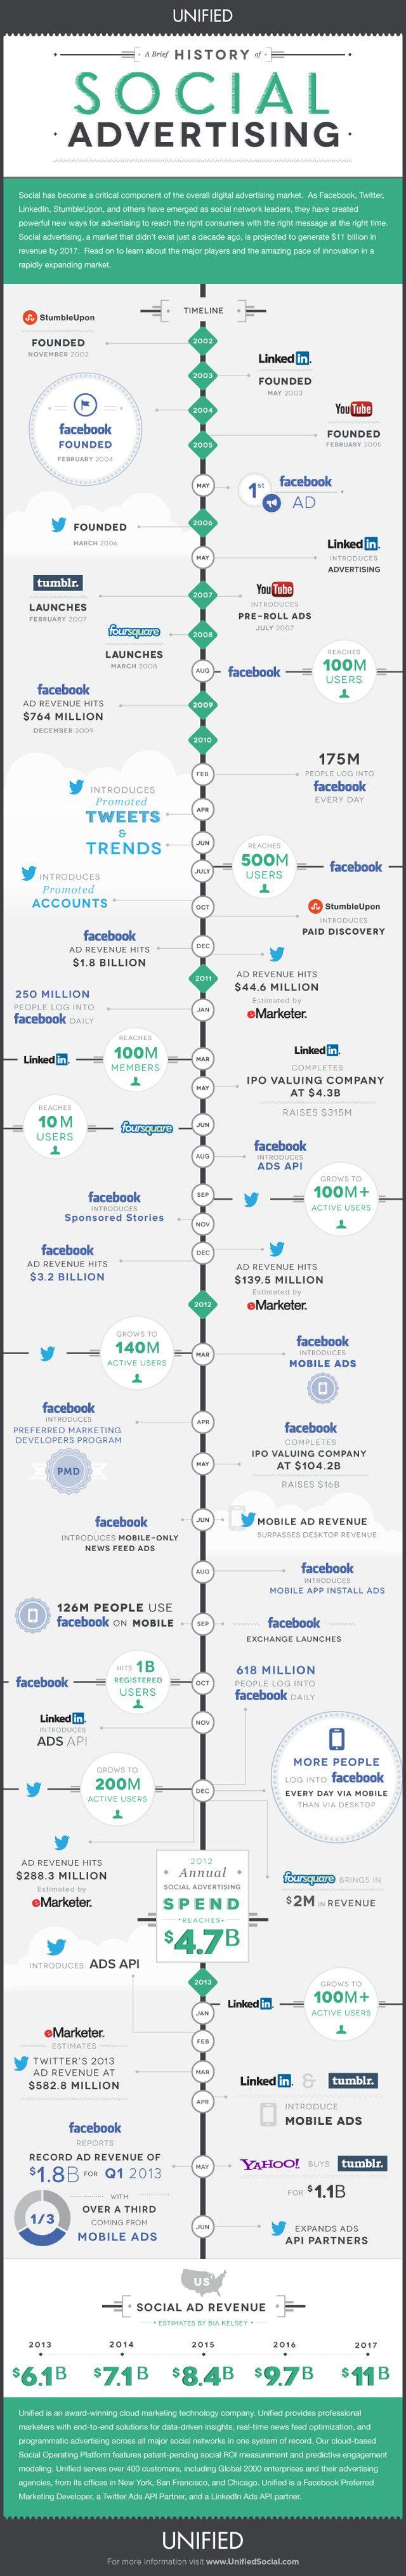 10 ans d'histoire de la publicité sur les réseaux sociaux